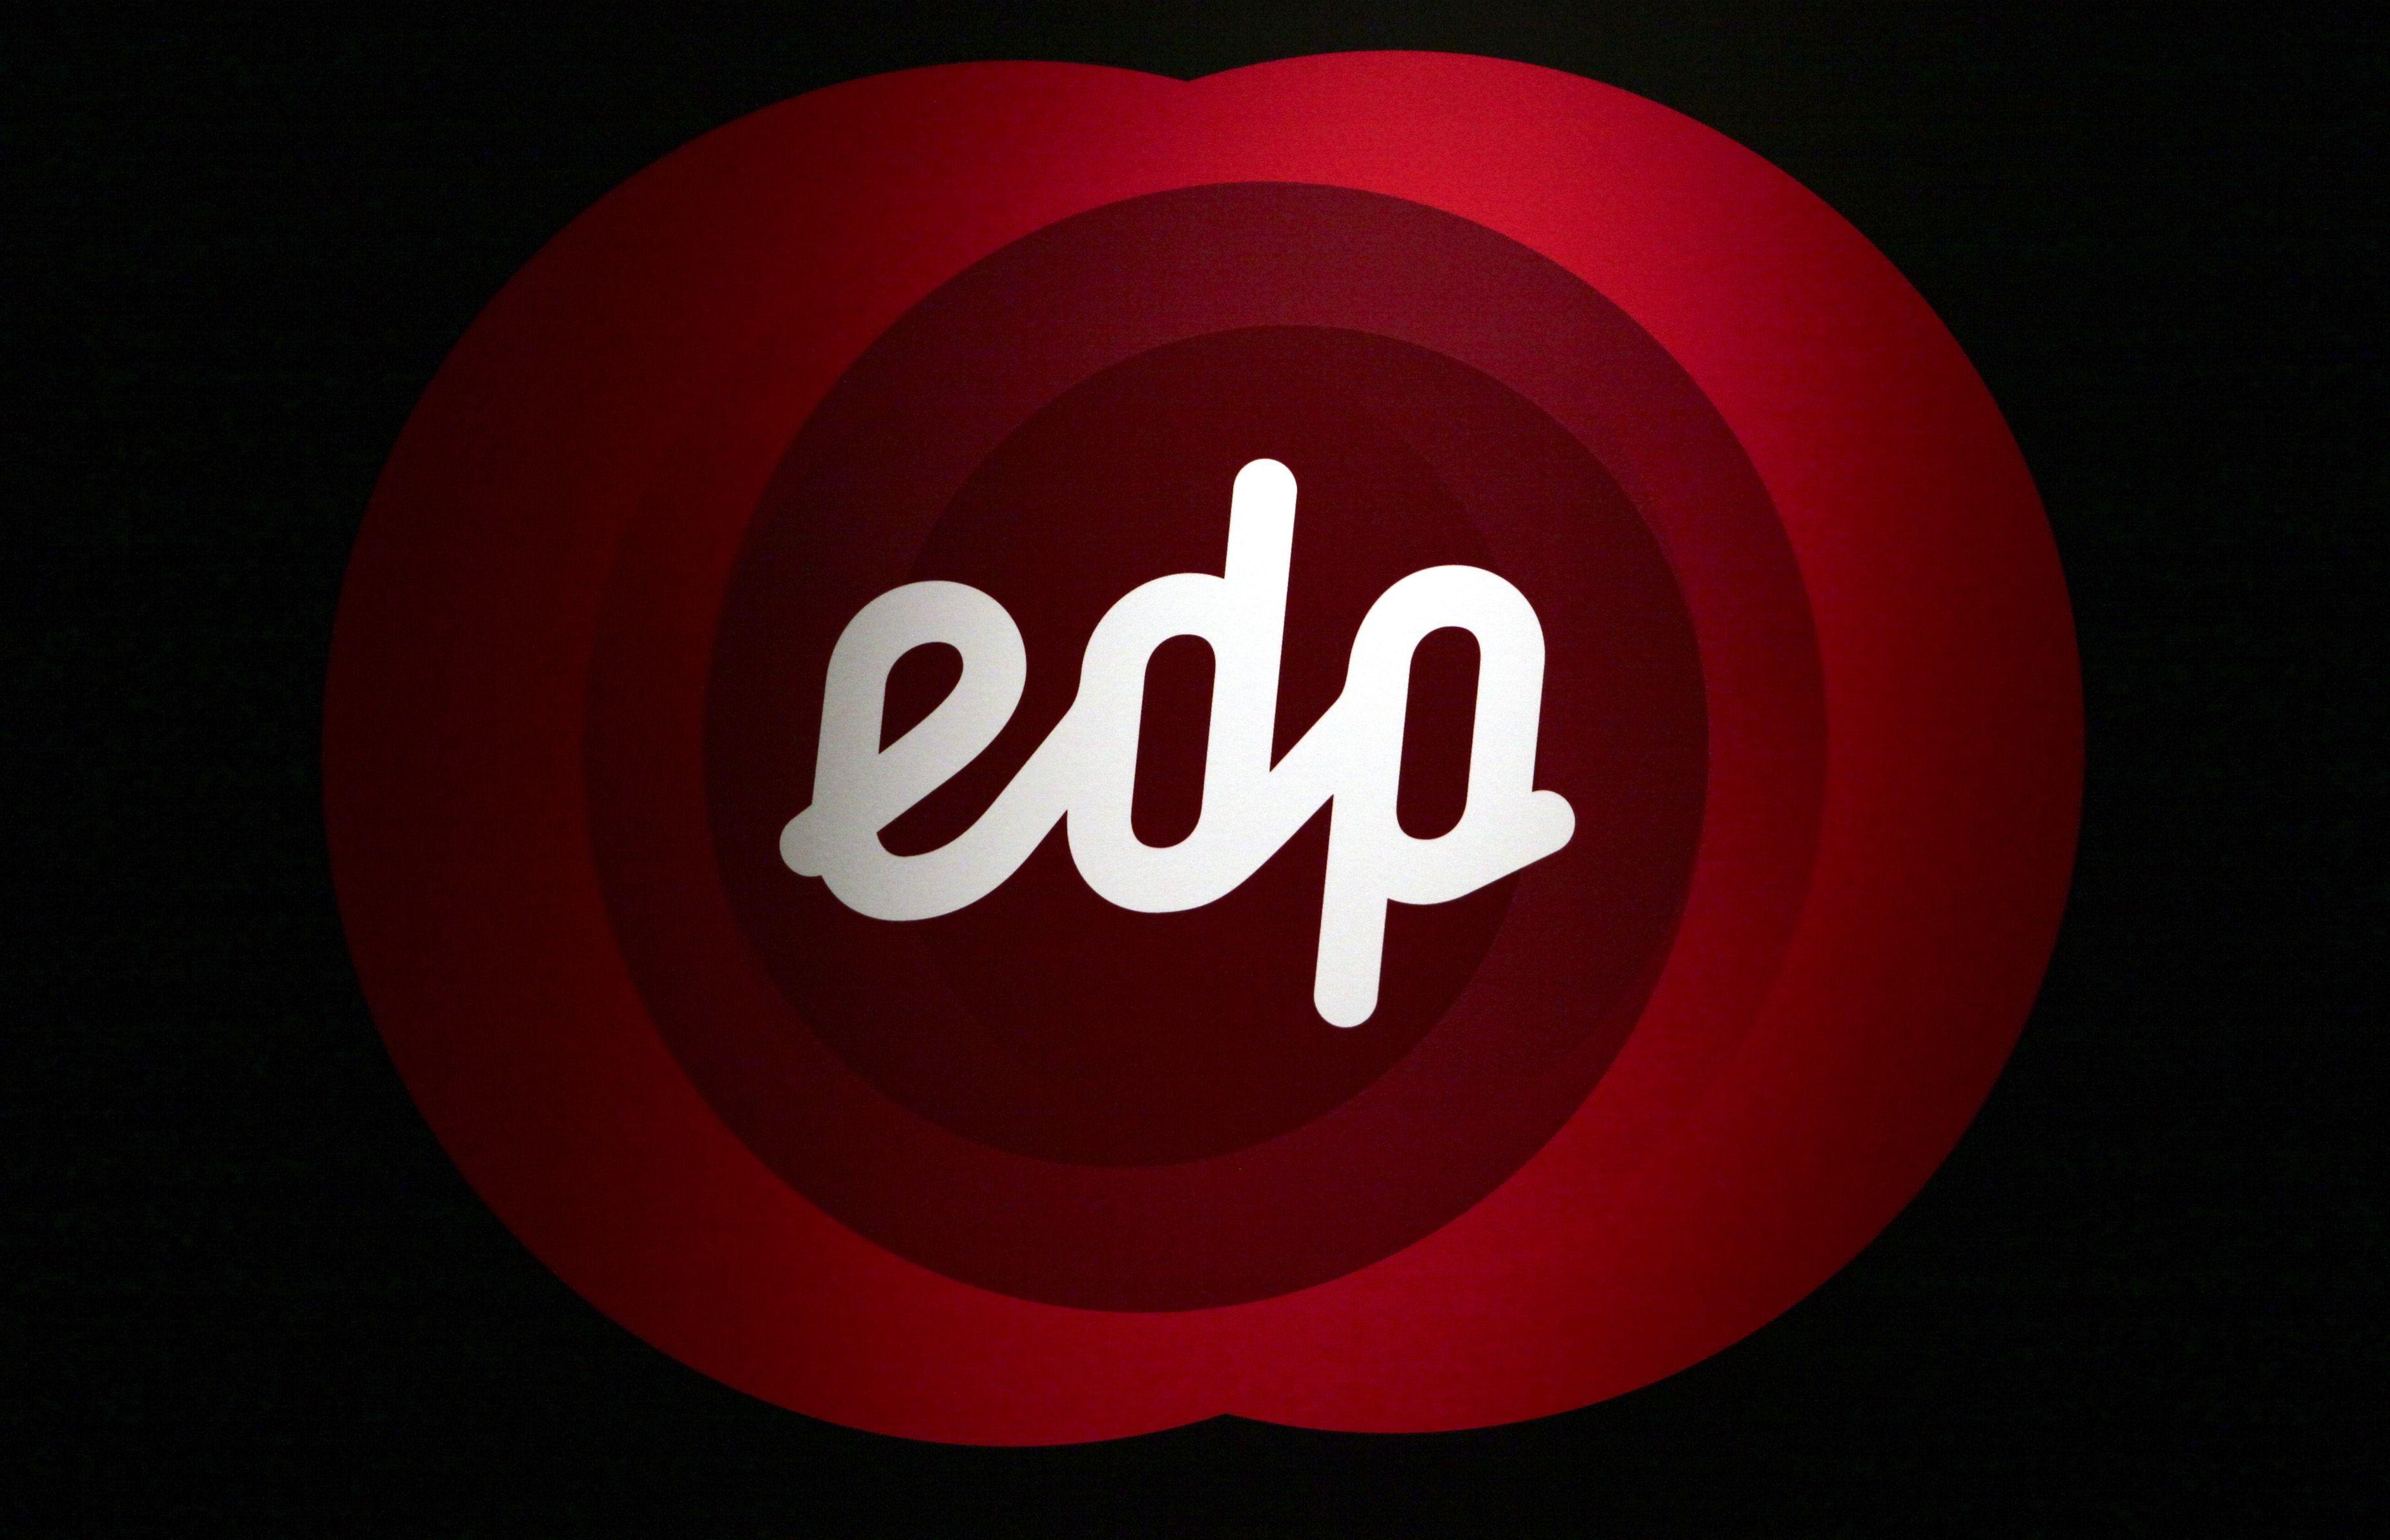 EDP diz que não pode encerrar central termoelétrica de Sines antes de 2030